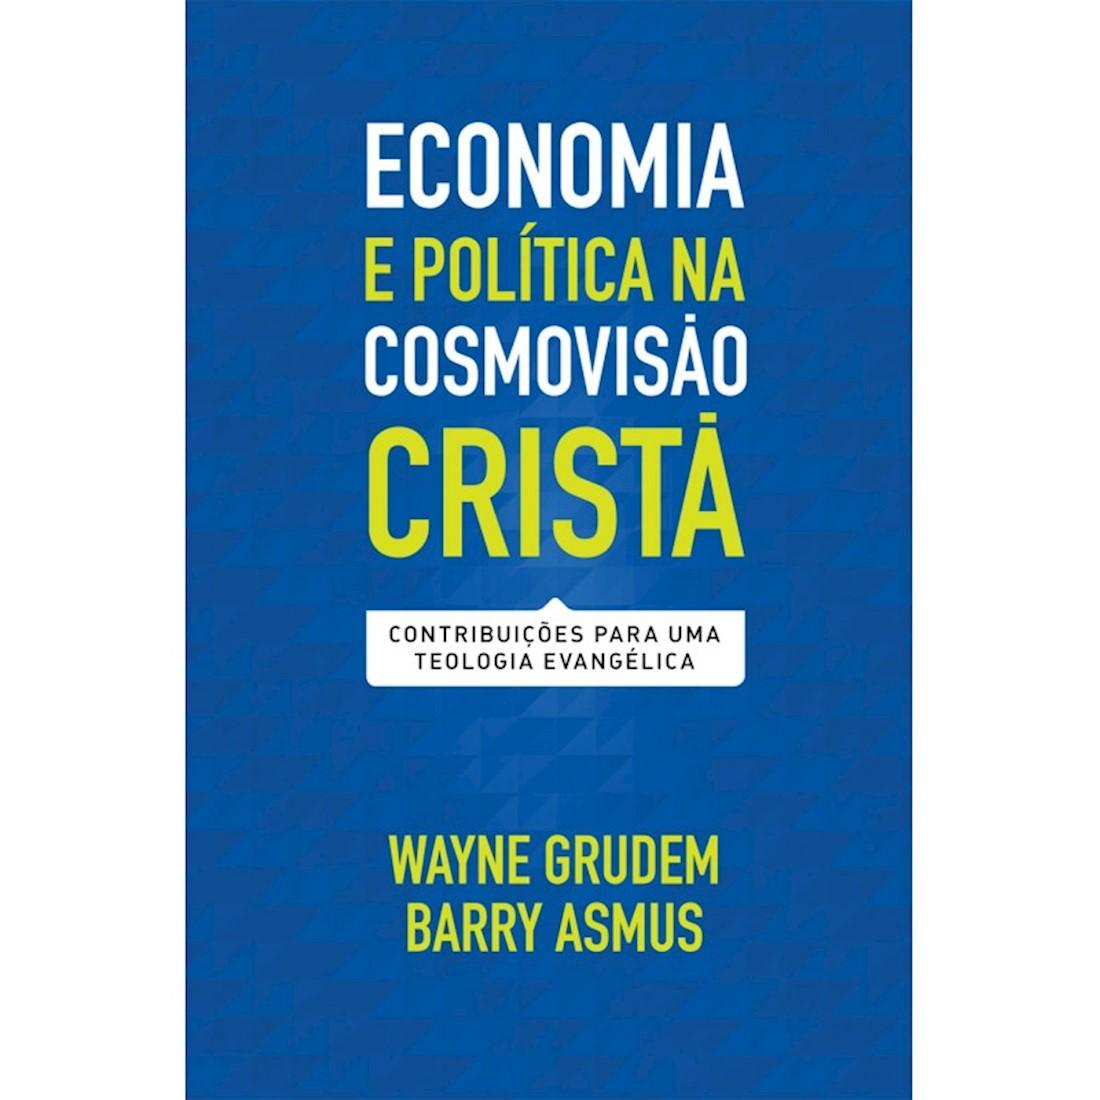 Livro Economia e Política na Cosmovisão Cristã